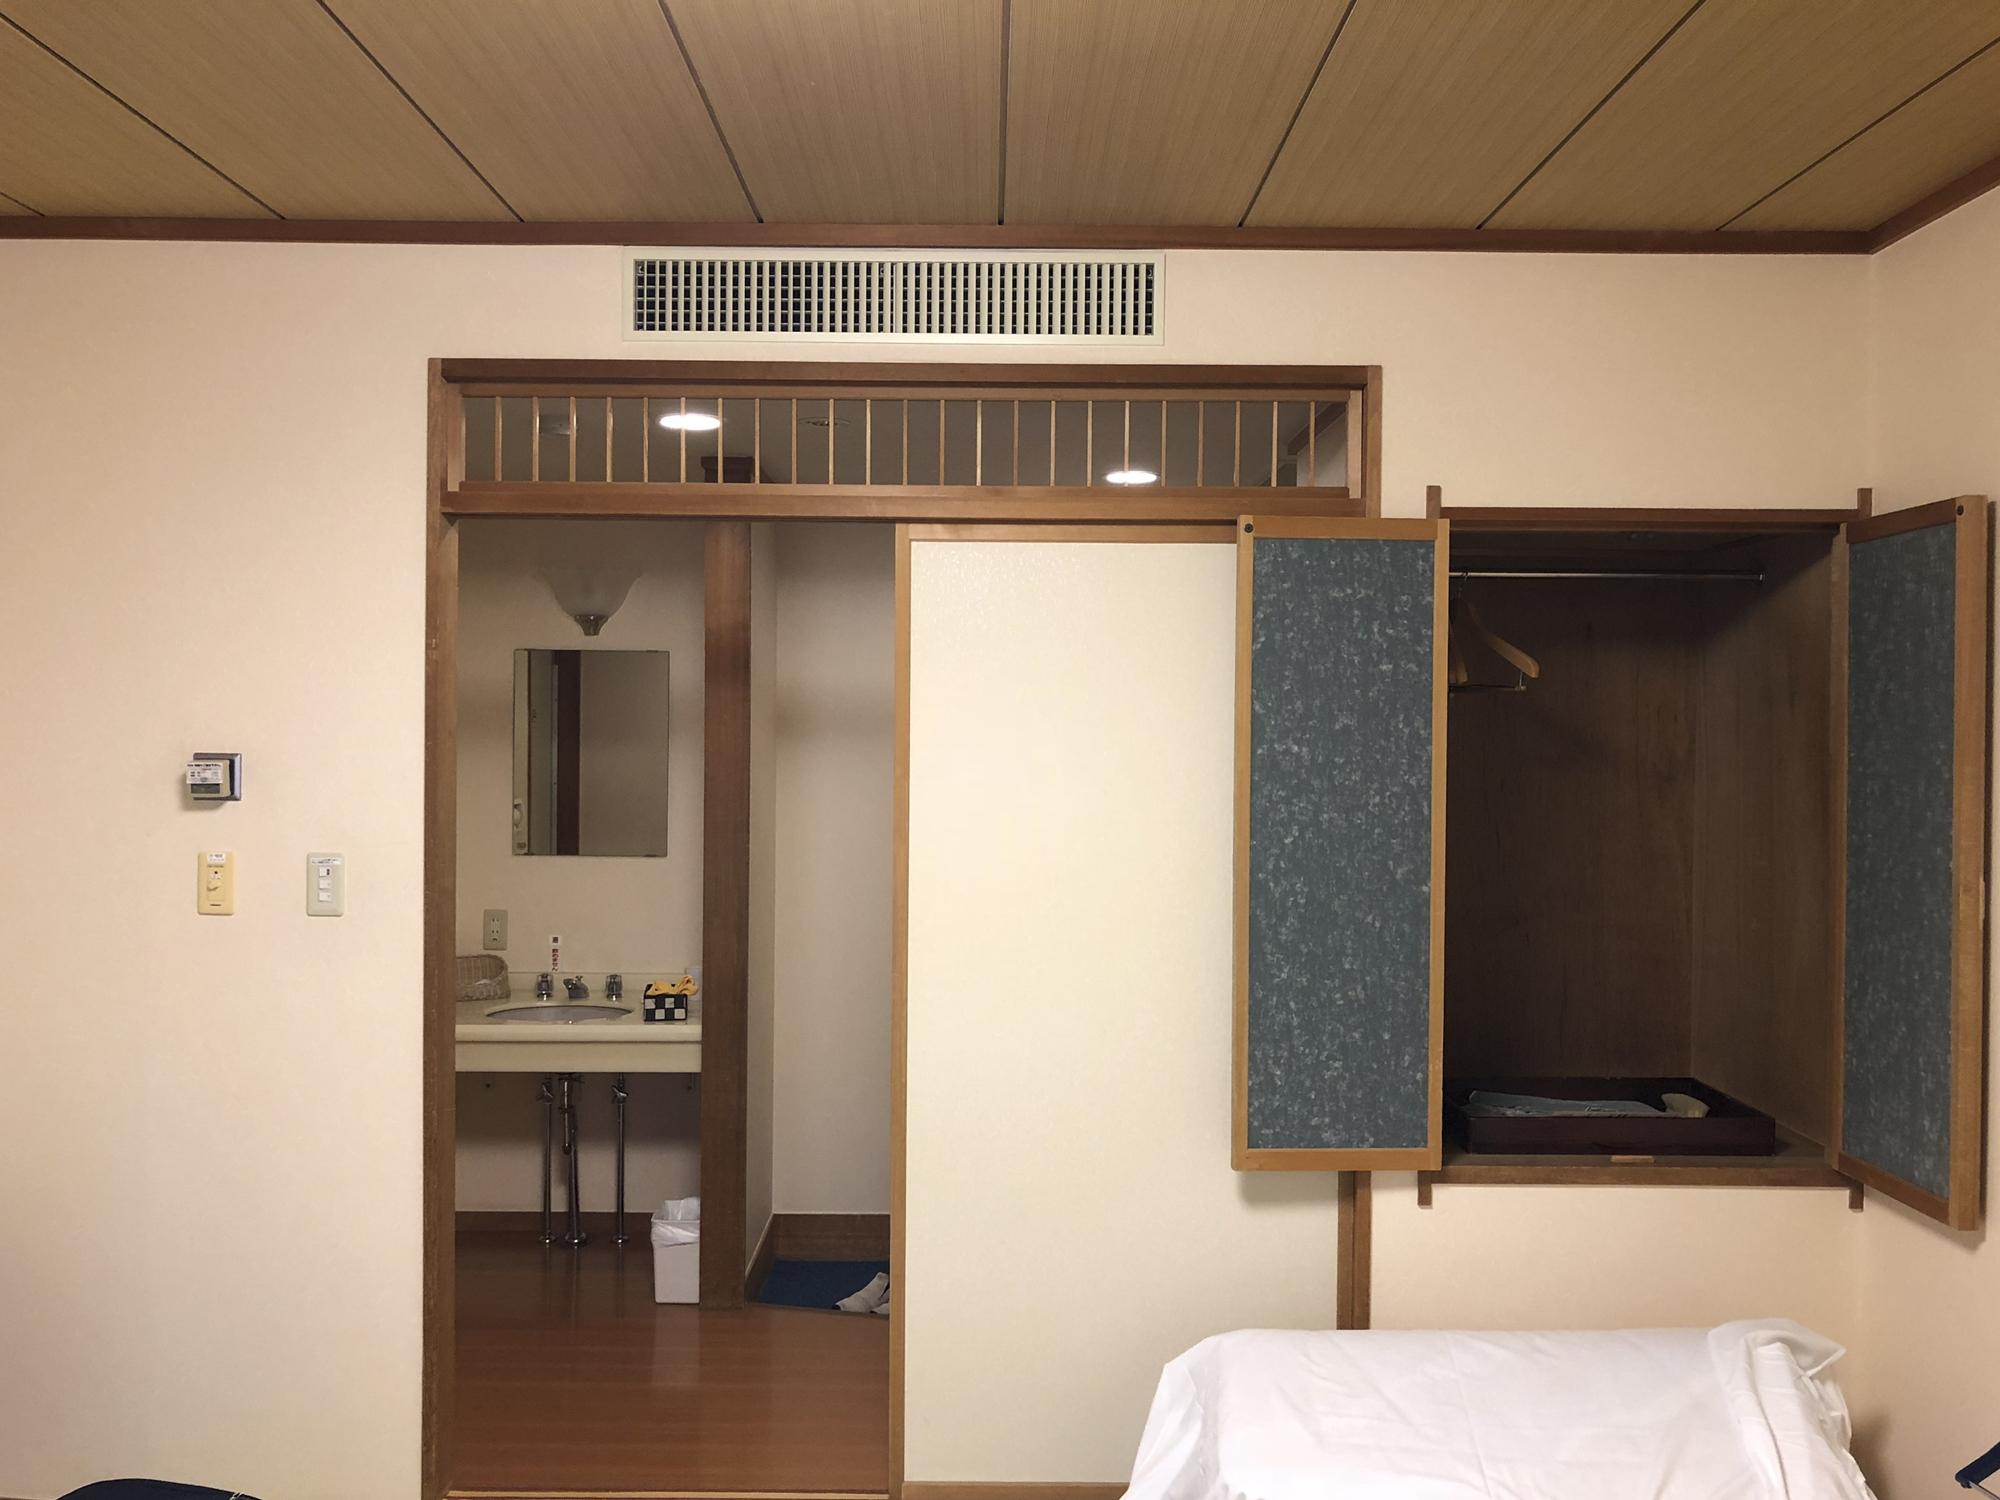 f:id:mitatowa:20181005183611j:plain